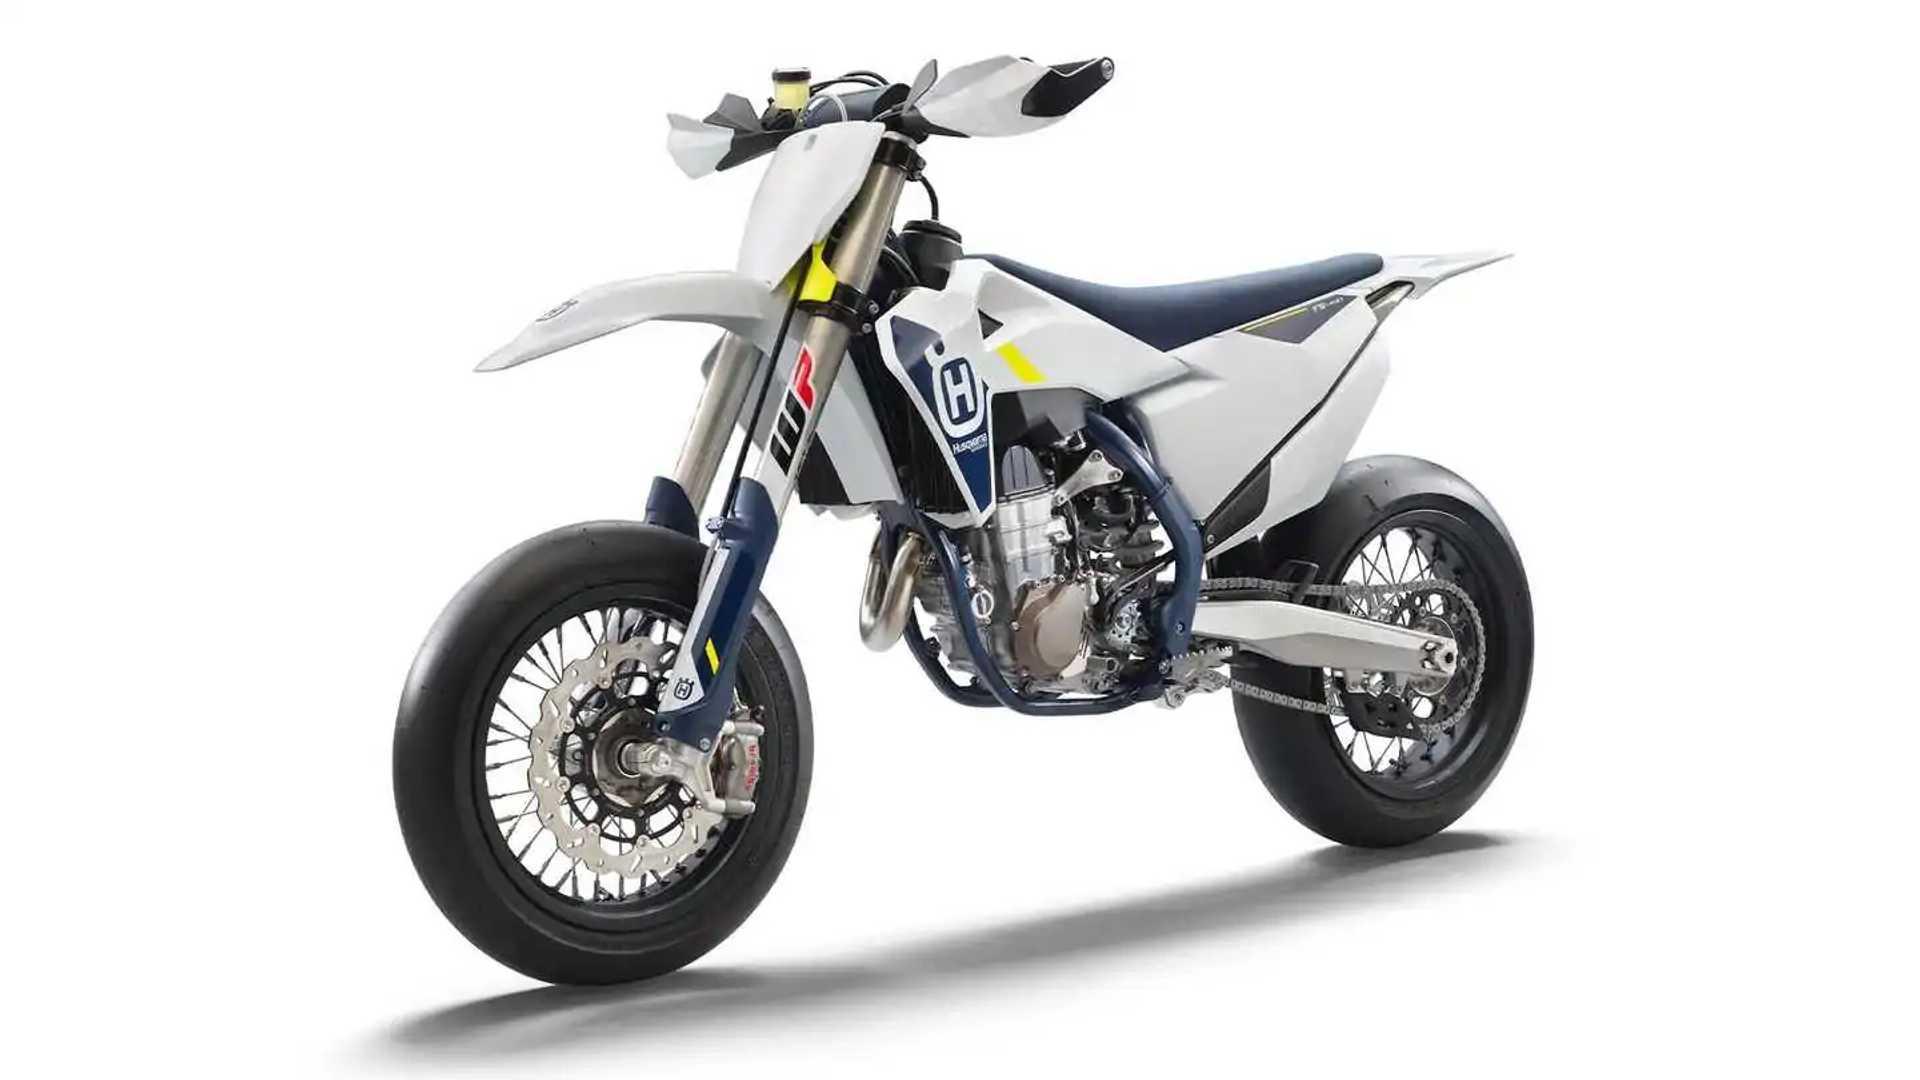 2022 Husqvarna FS 450 - Main